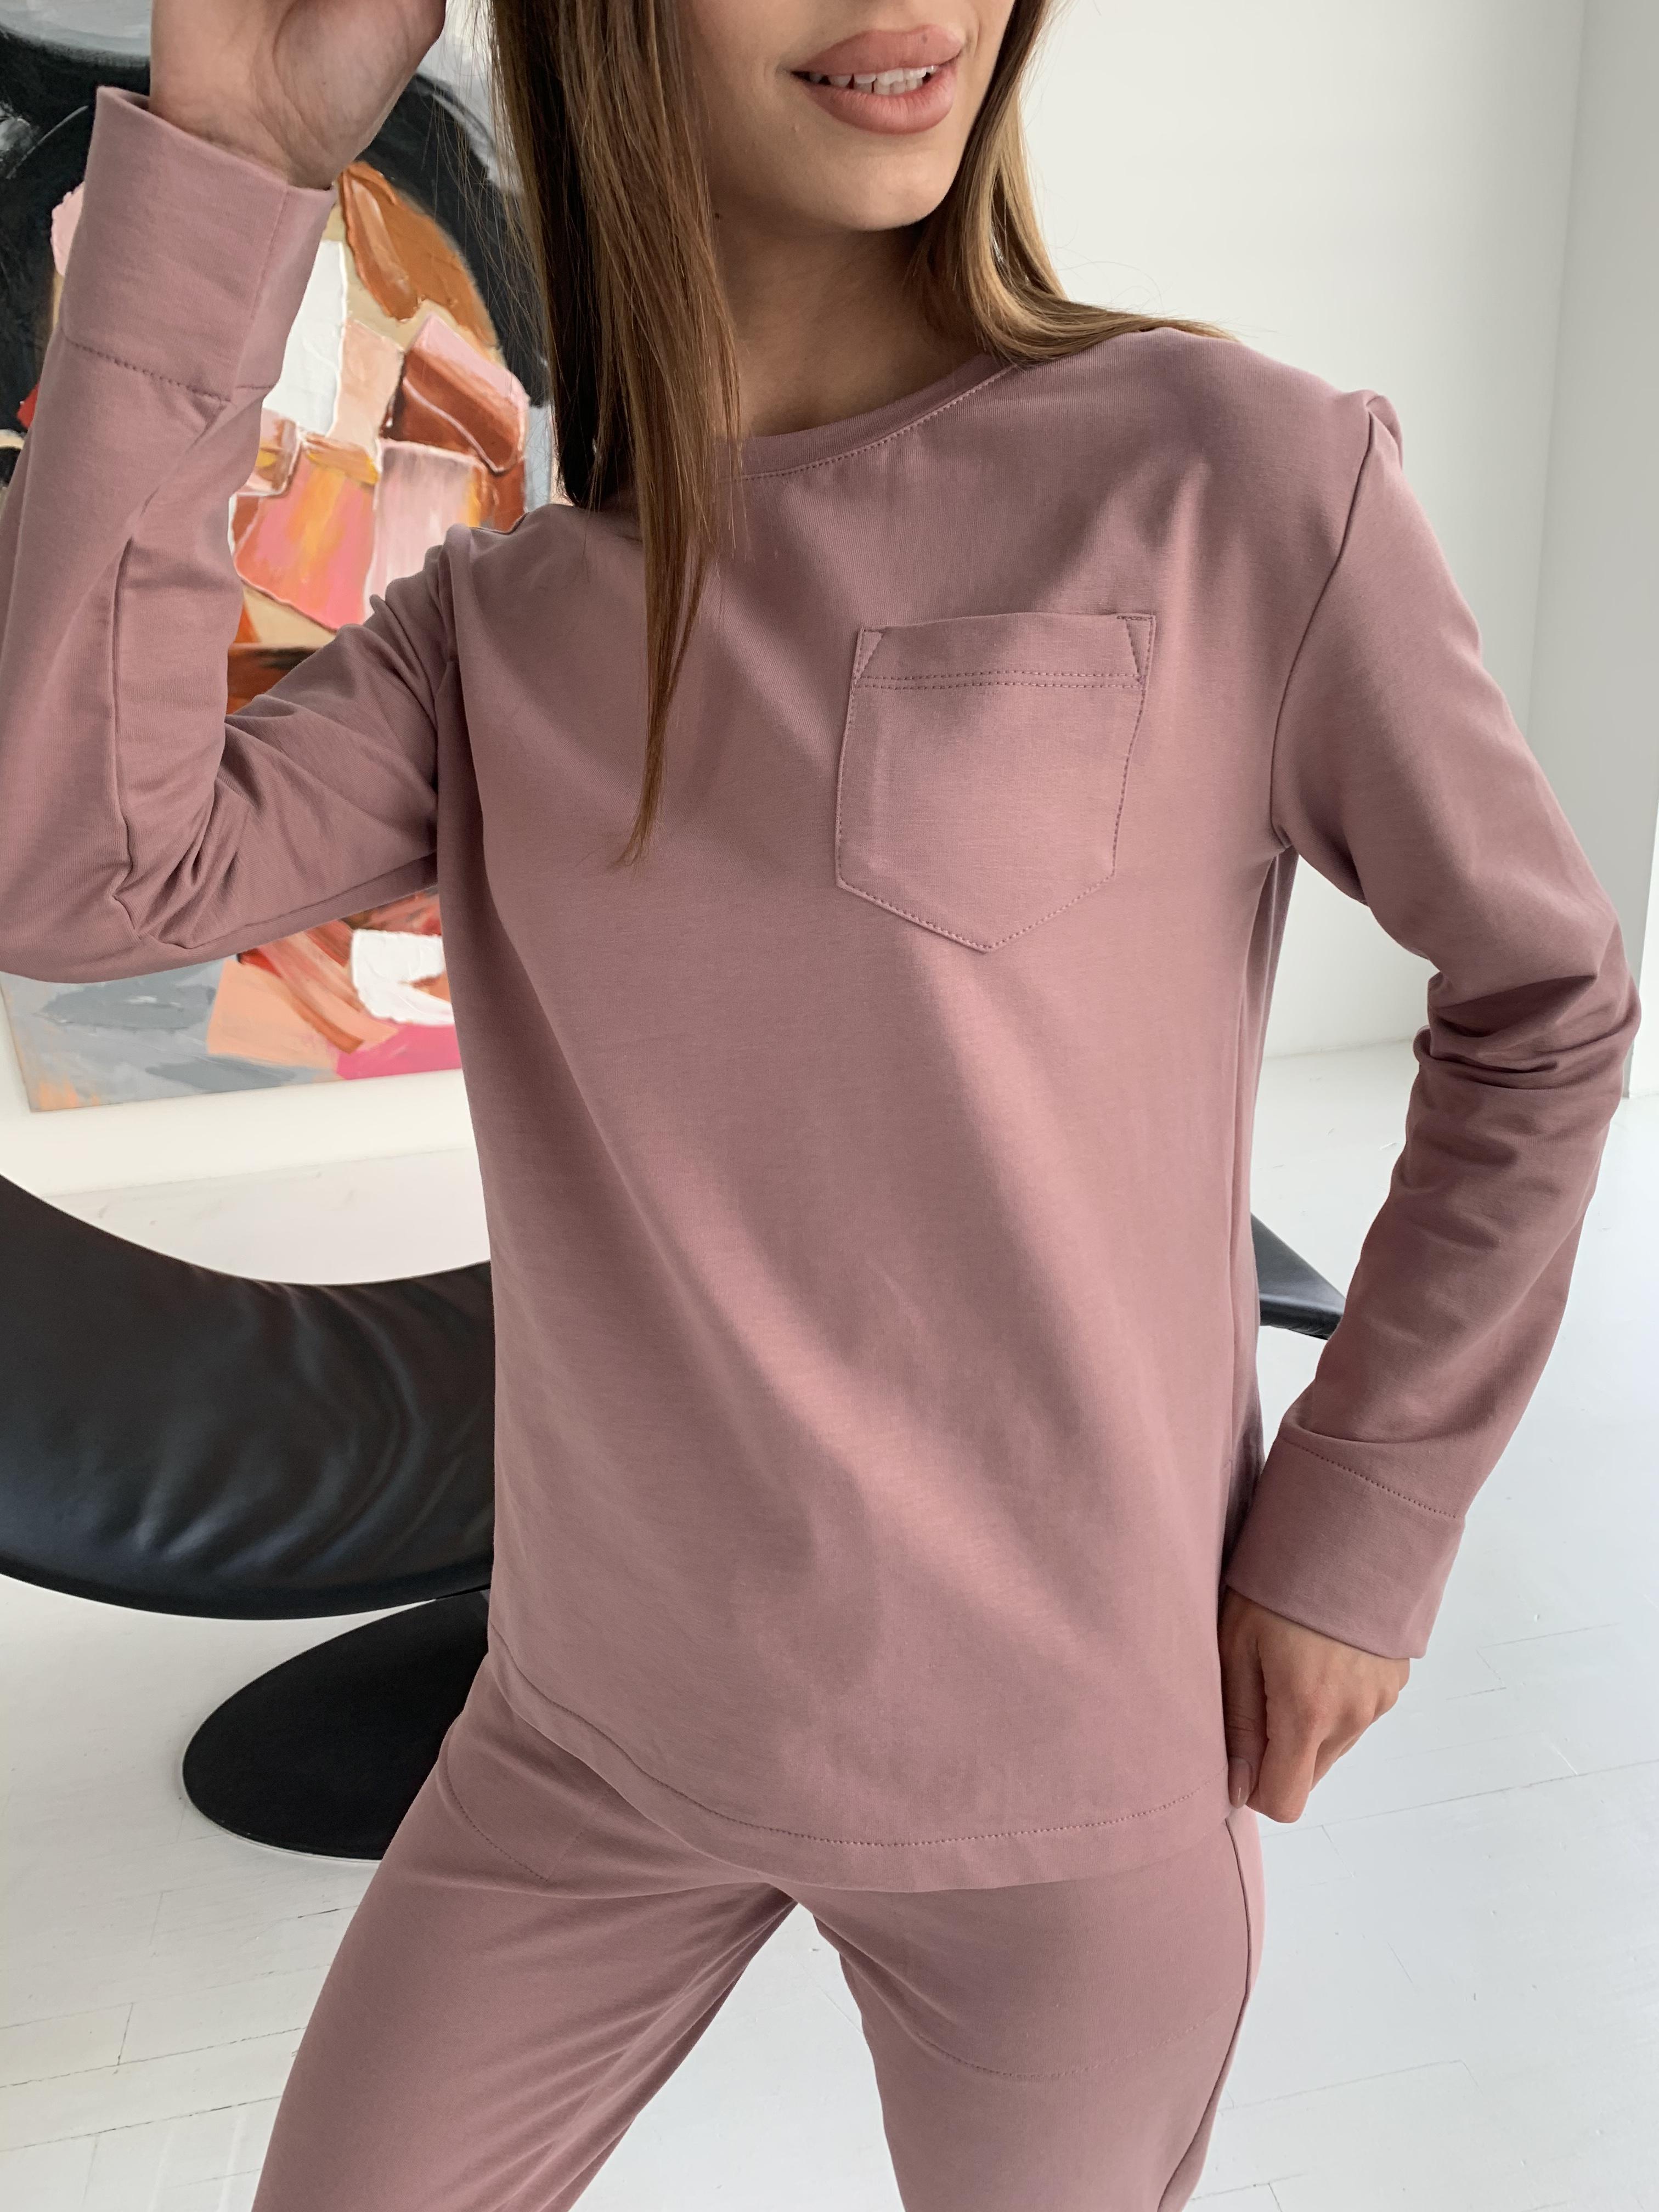 Мови  прогулочный костюм из трикотажа двунитка  9546 АРТ. 46280 Цвет: Пудра Темная - фото 7, интернет магазин tm-modus.ru